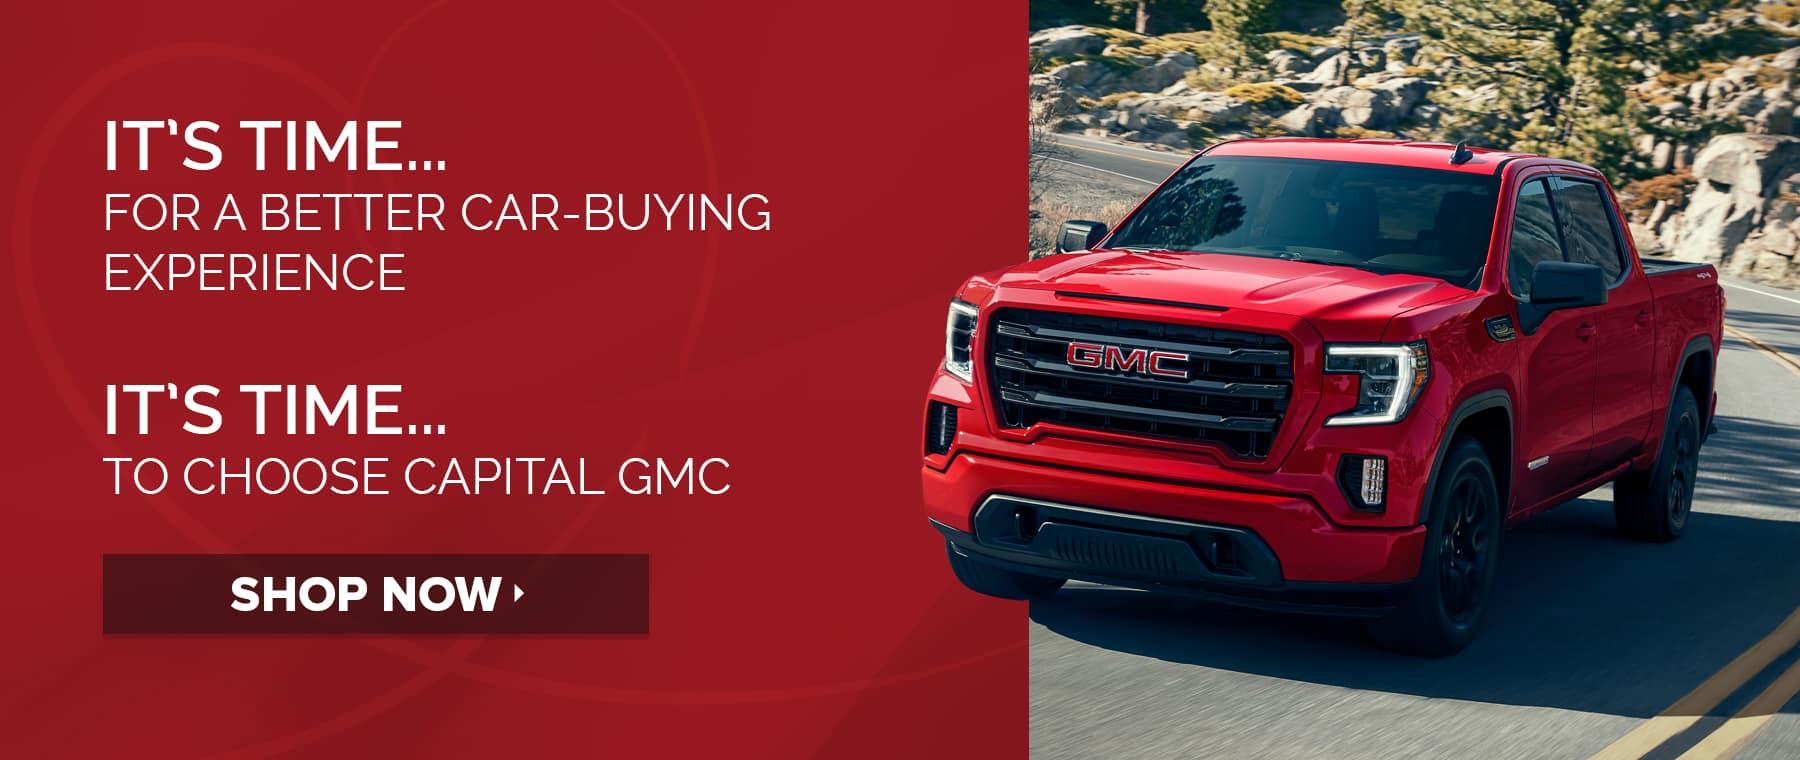 Capital Gmc Buick Buick Gmc Dealer In Edmonton Ab